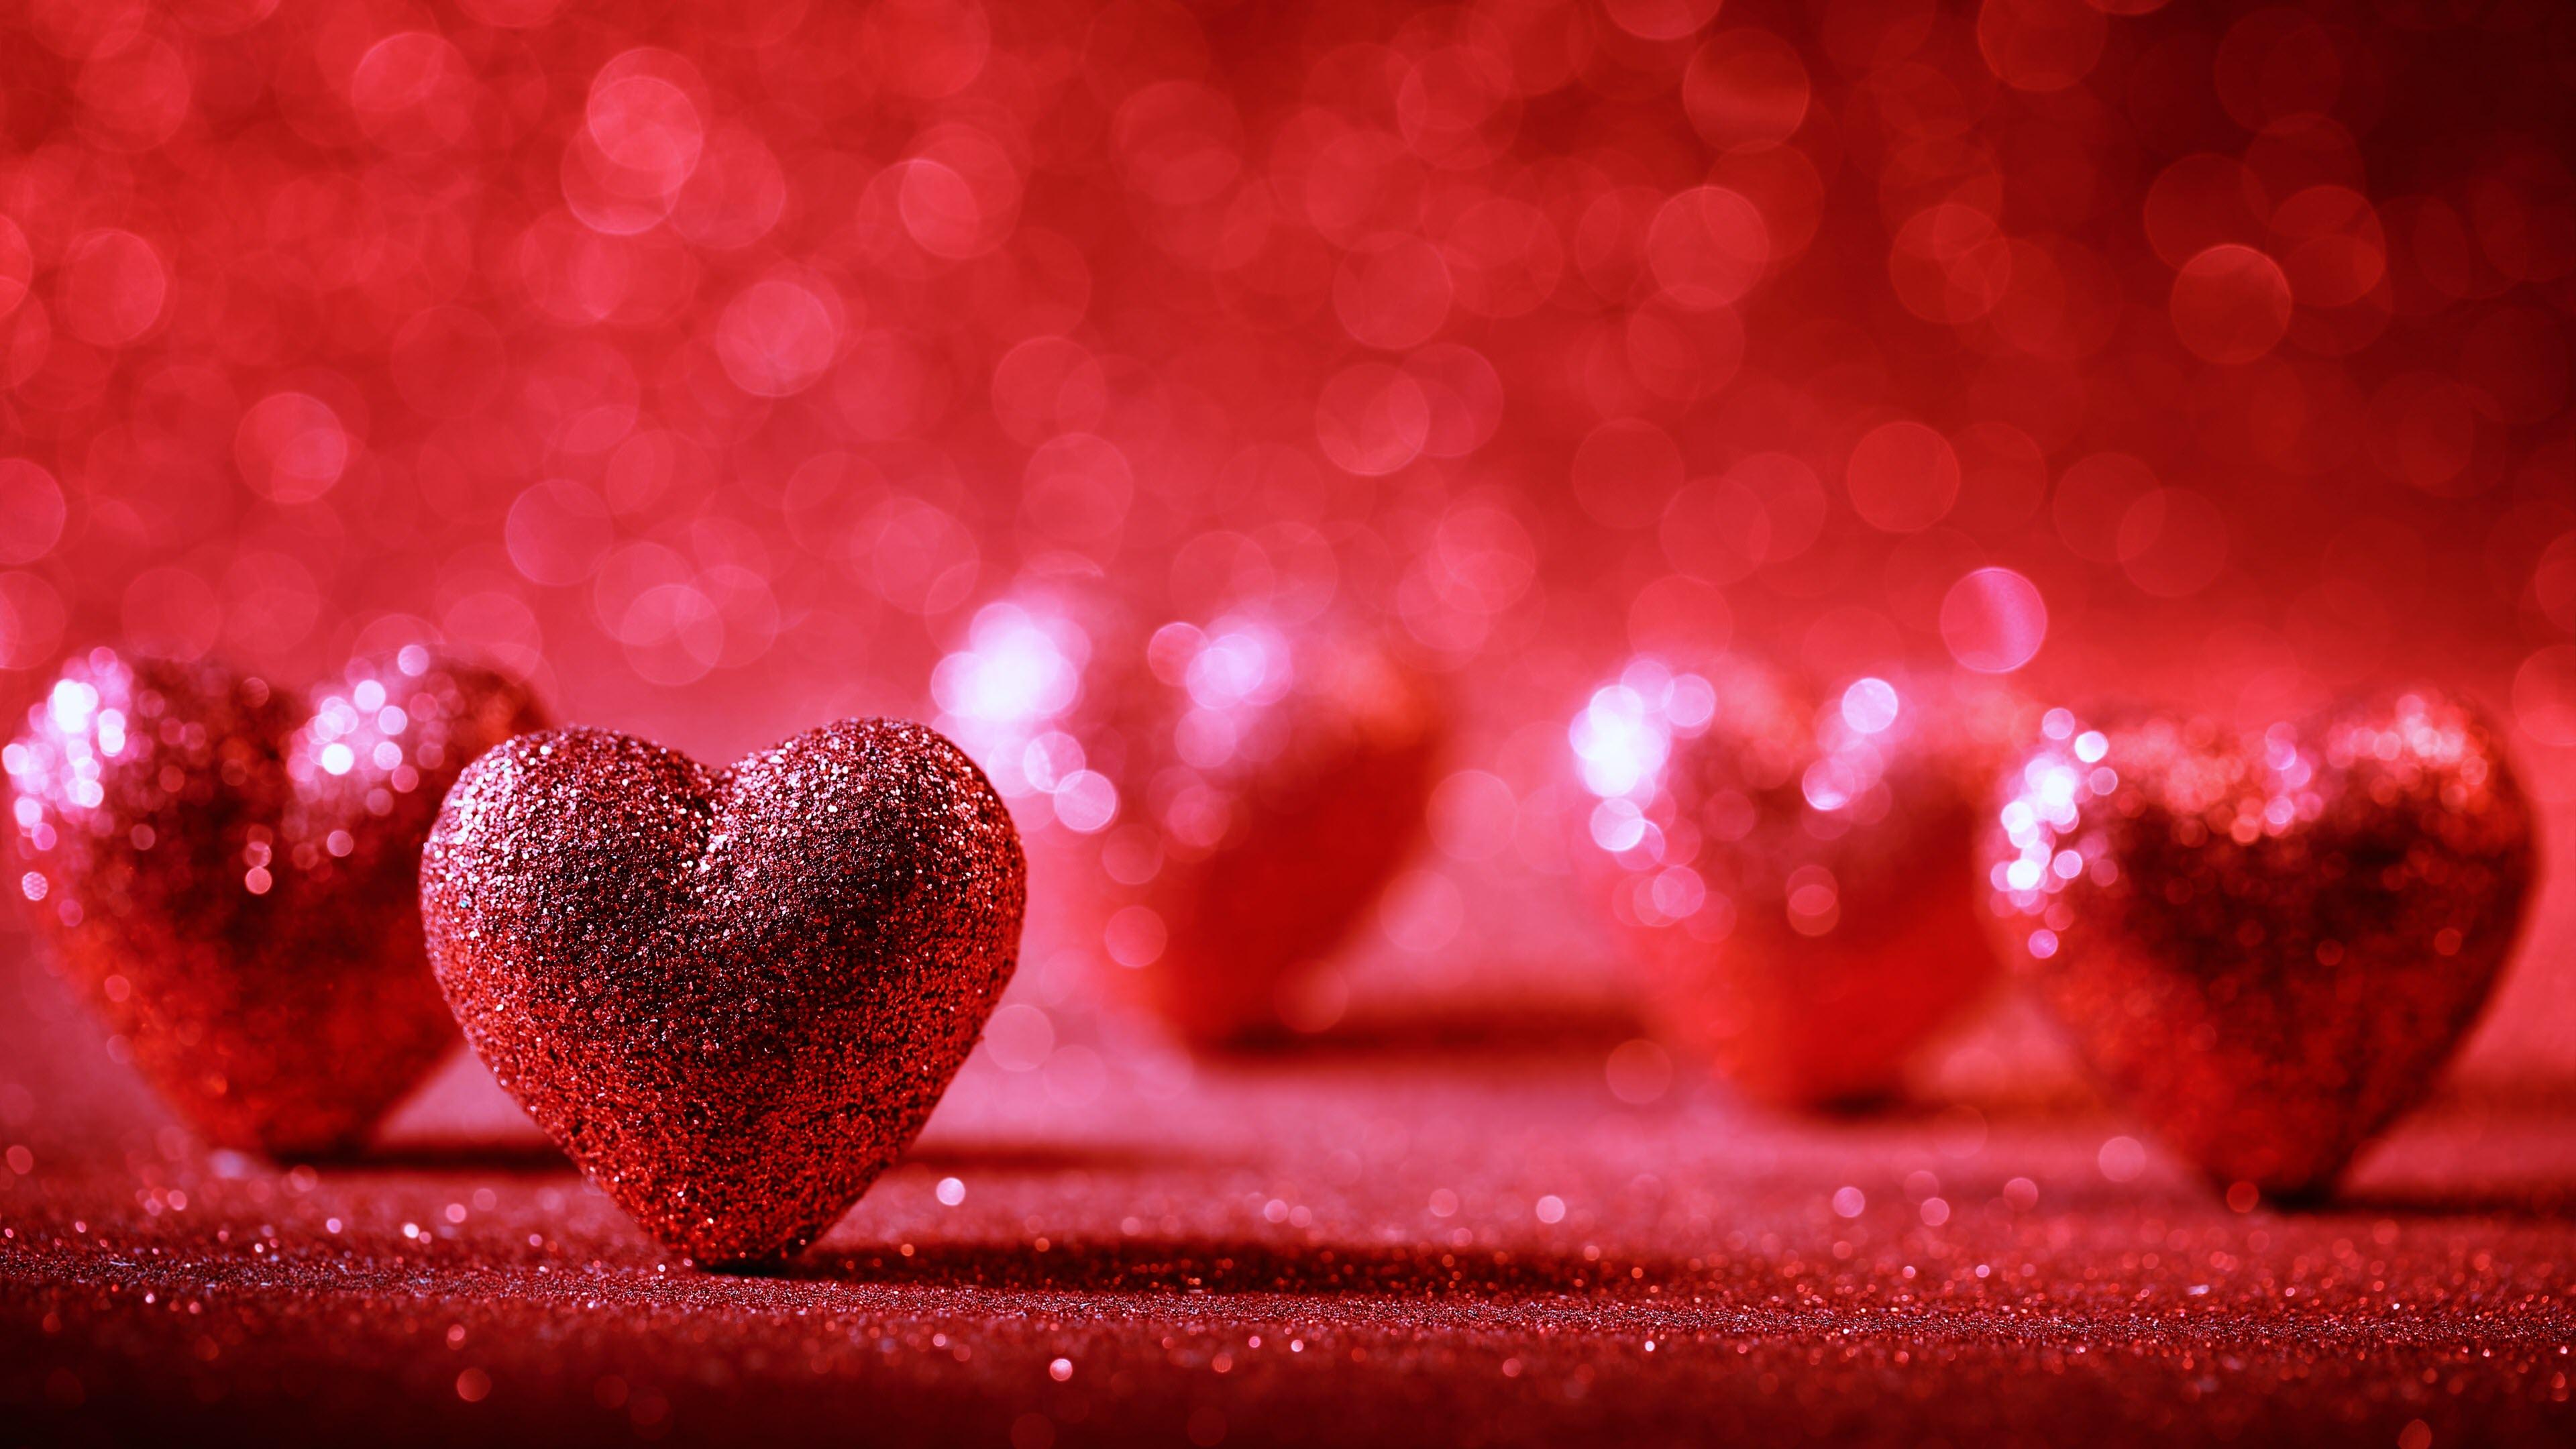 Hình nền trái tim lấp lánh đẹp